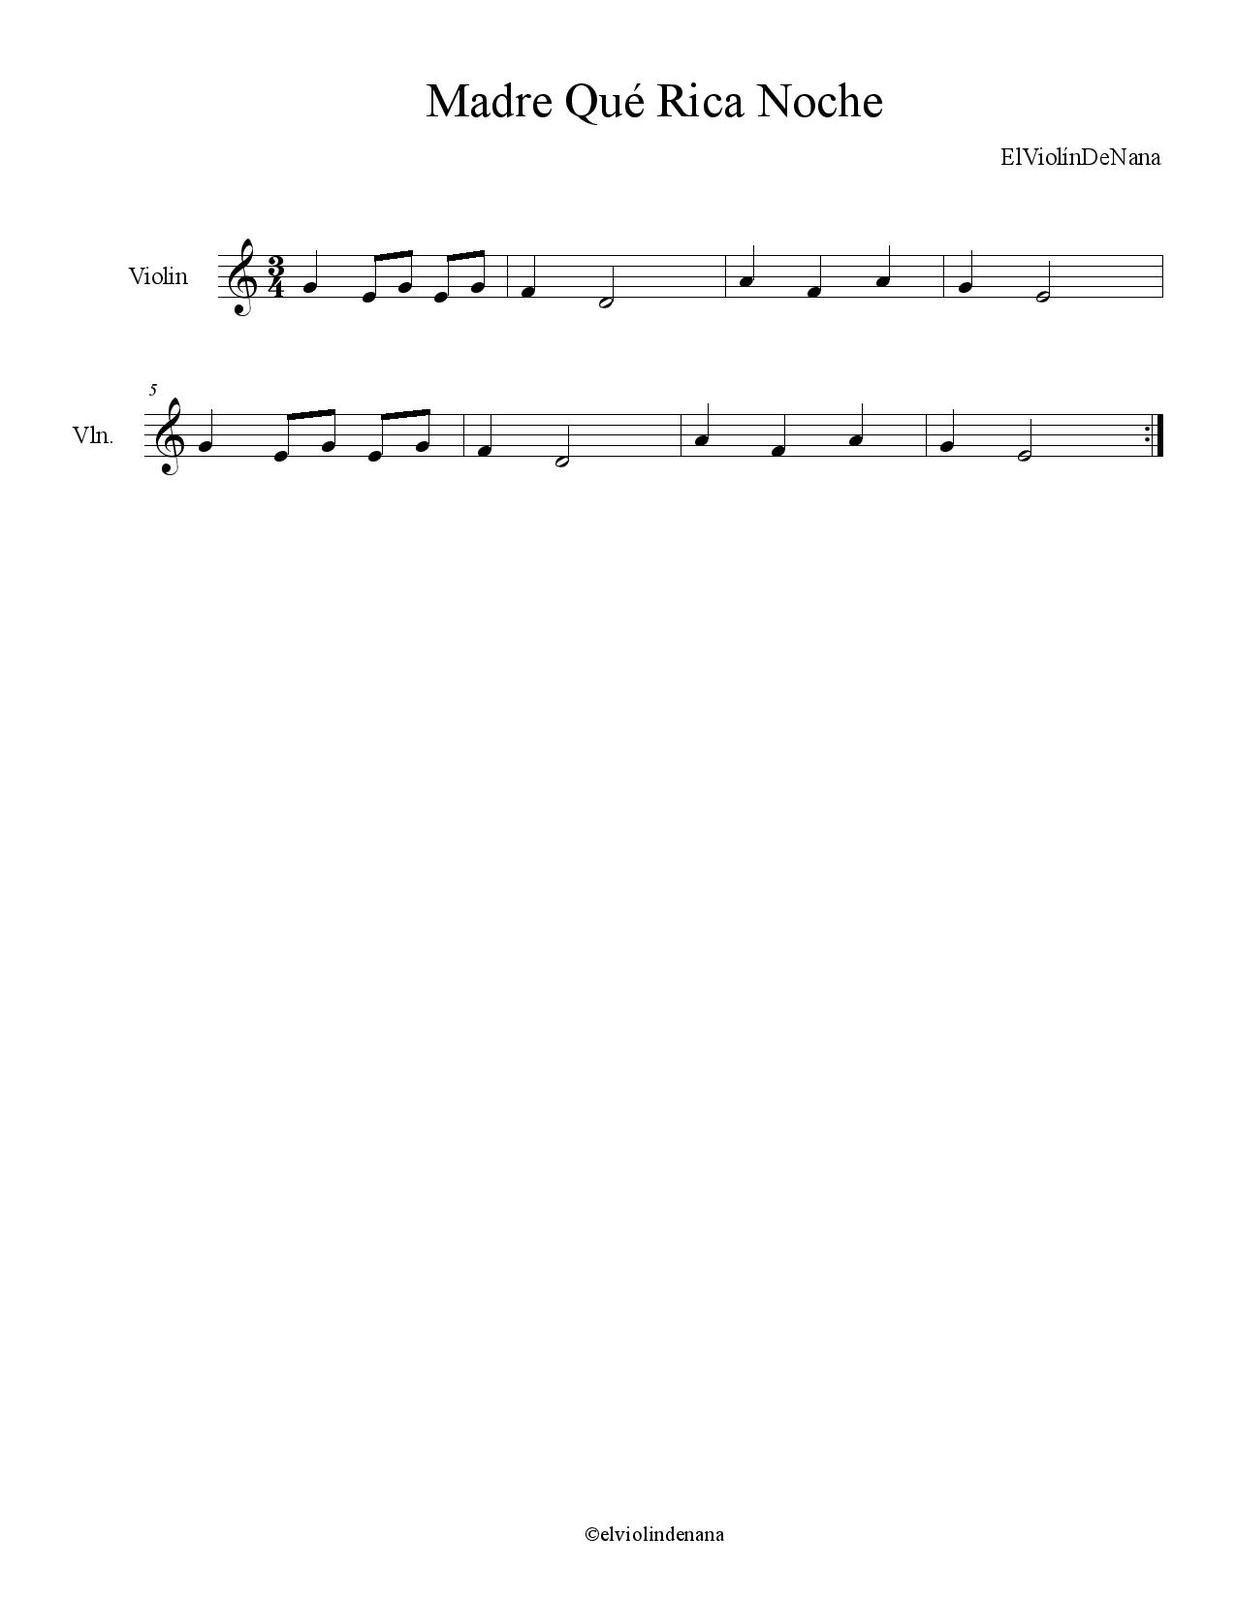 Partitura de la Canción &quot&#x3B;Madre Qué Rica Noche&quot&#x3B; | Canción Popular